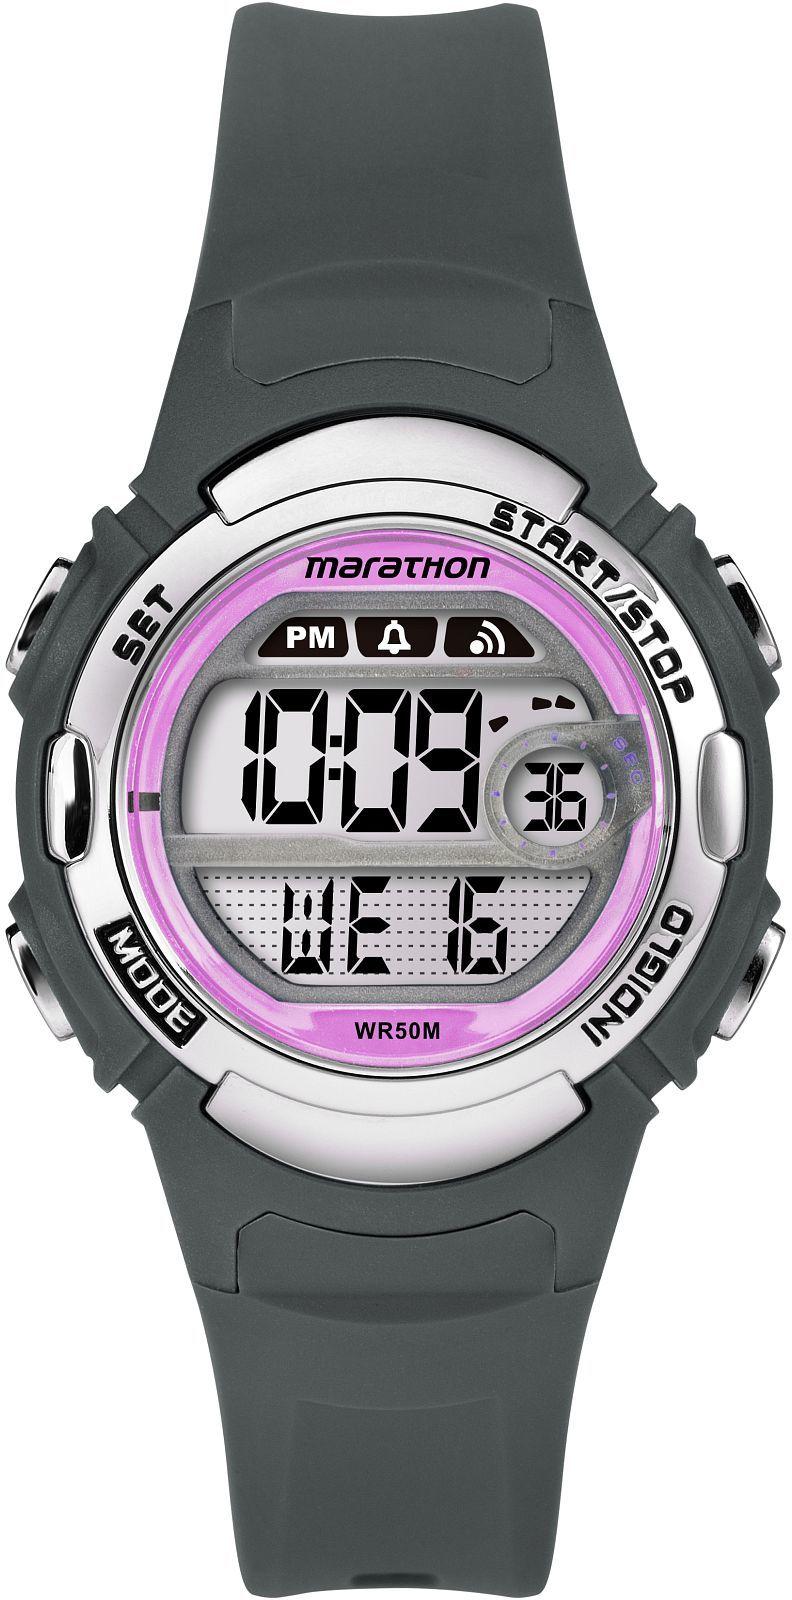 Timex TW5M14200 > Wysyłka tego samego dnia Grawer 0zł Darmowa dostawa Kurierem/Inpost Darmowy zwrot przez 100 DNI